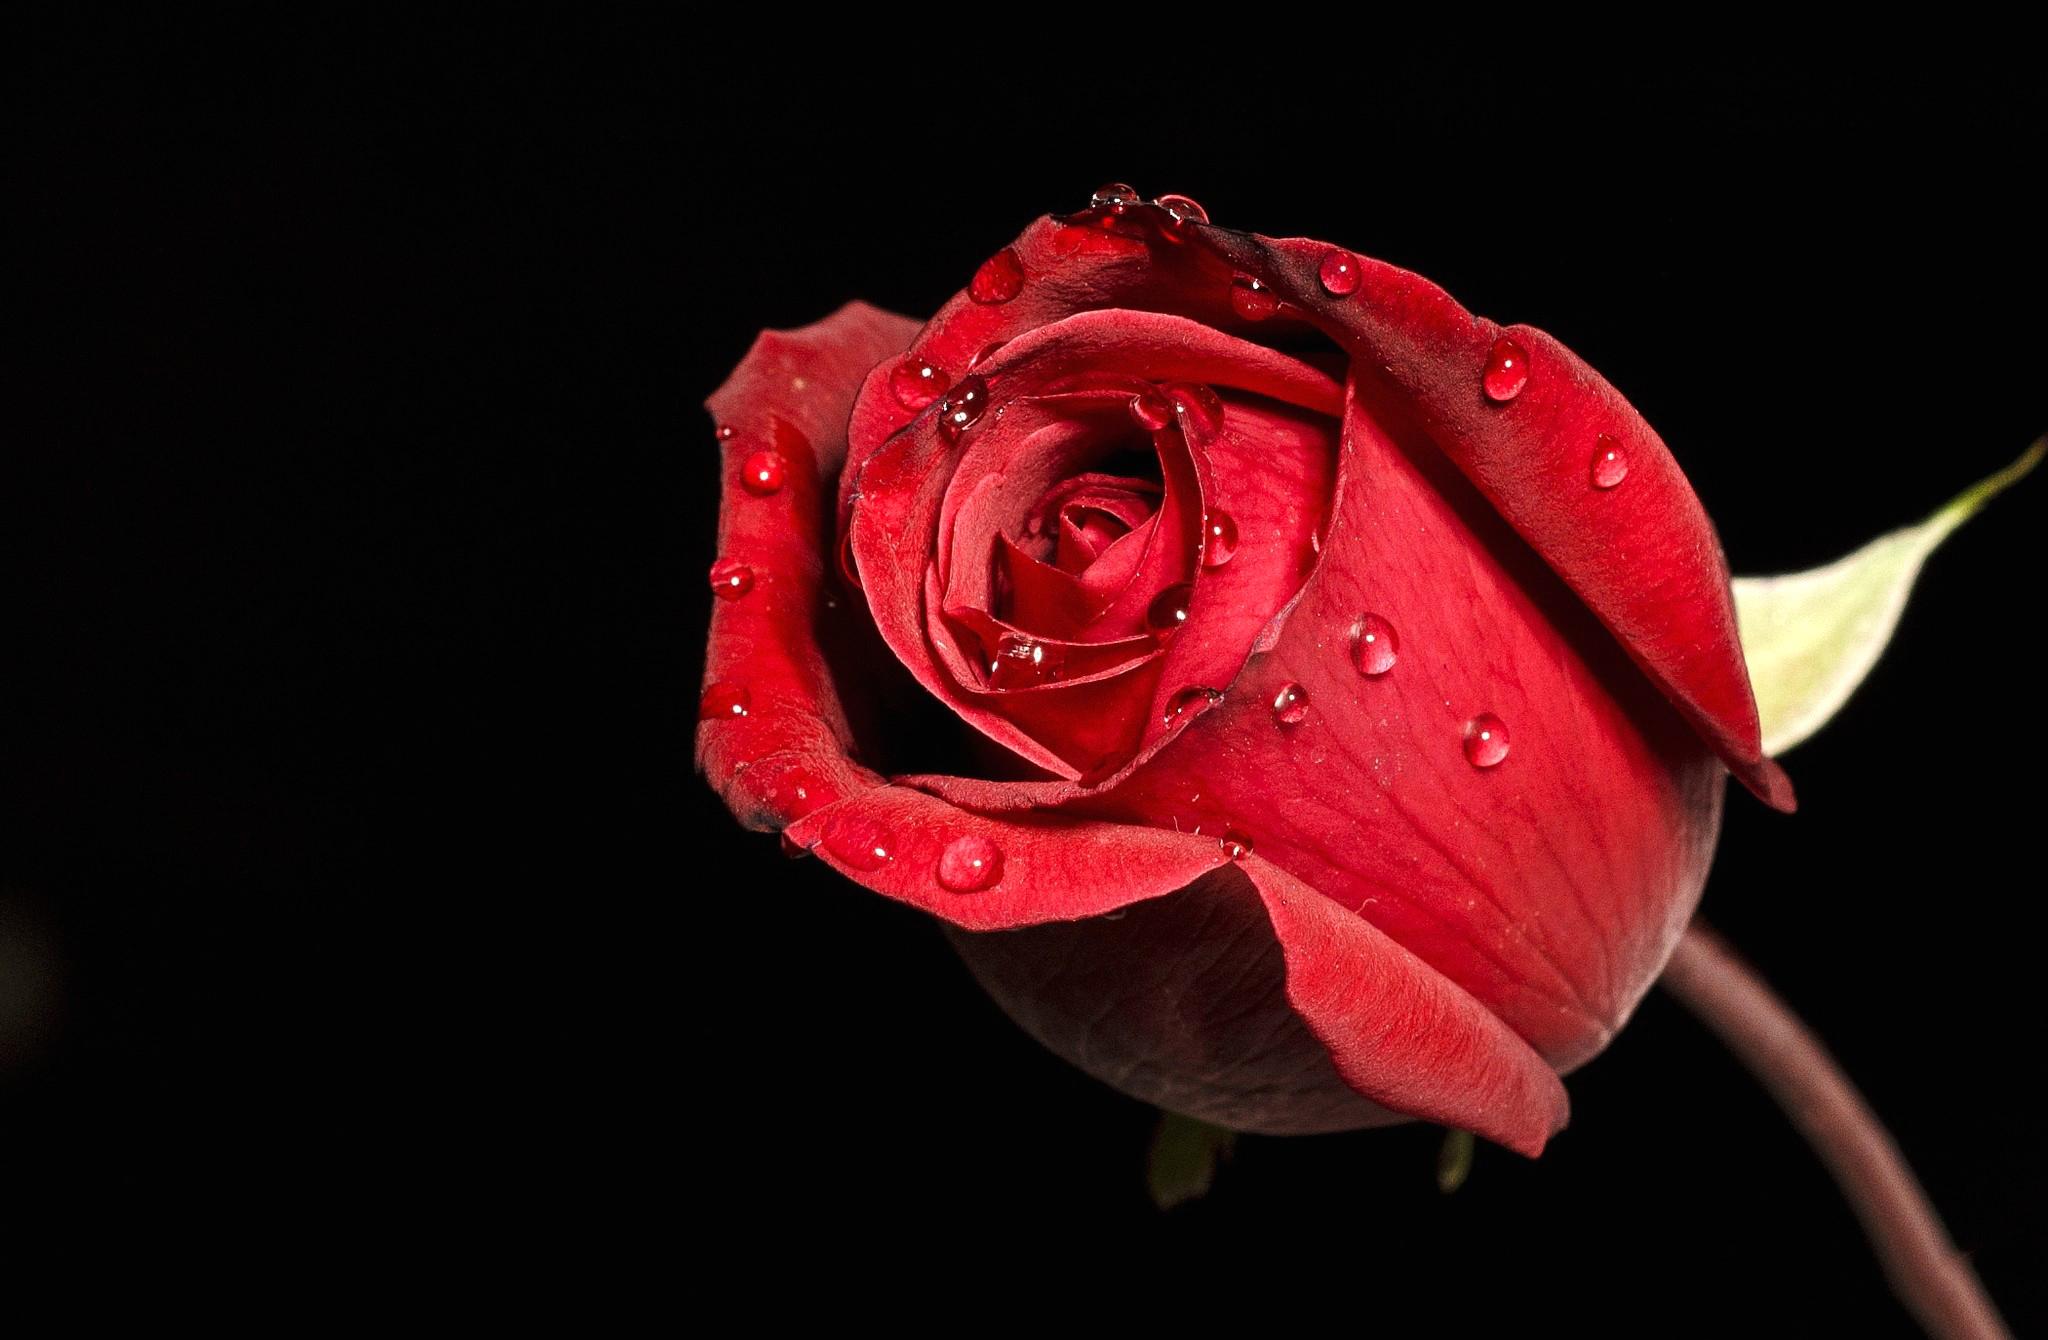 роза с каплями  № 3828913 бесплатно